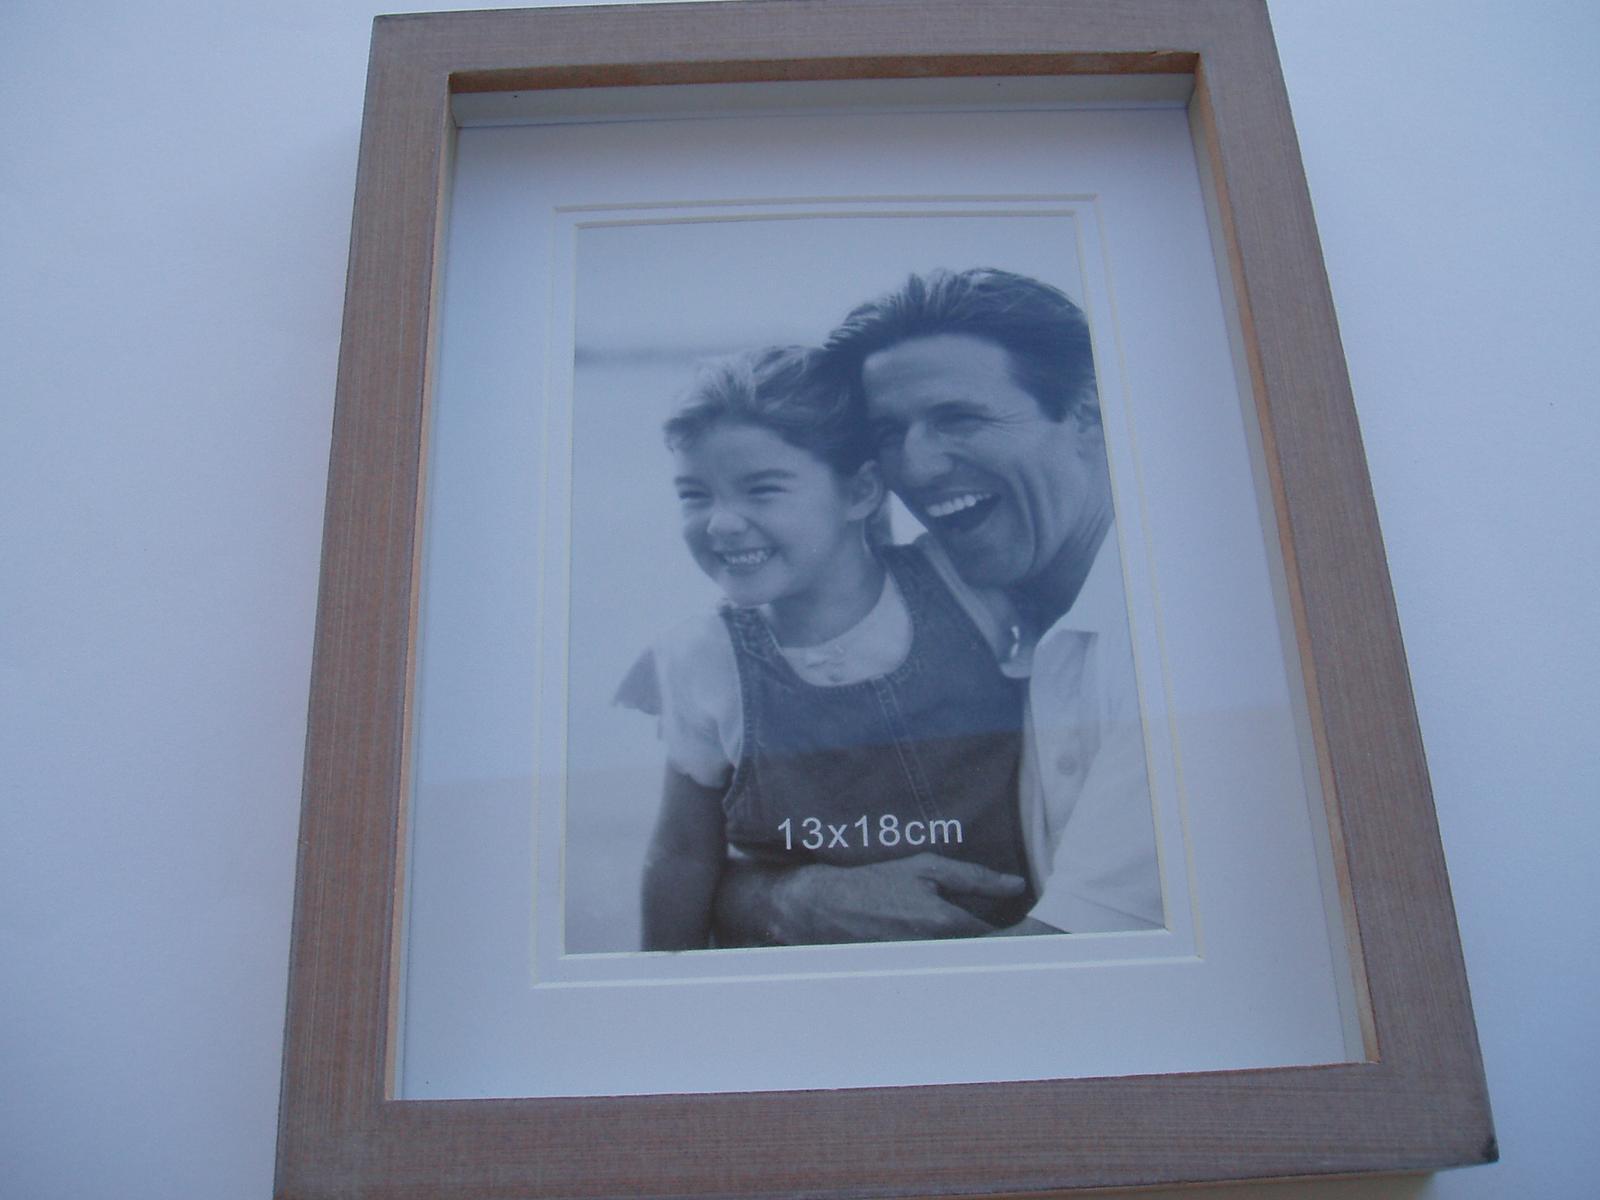 fotorámeček  dřevěný - Obrázek č. 1